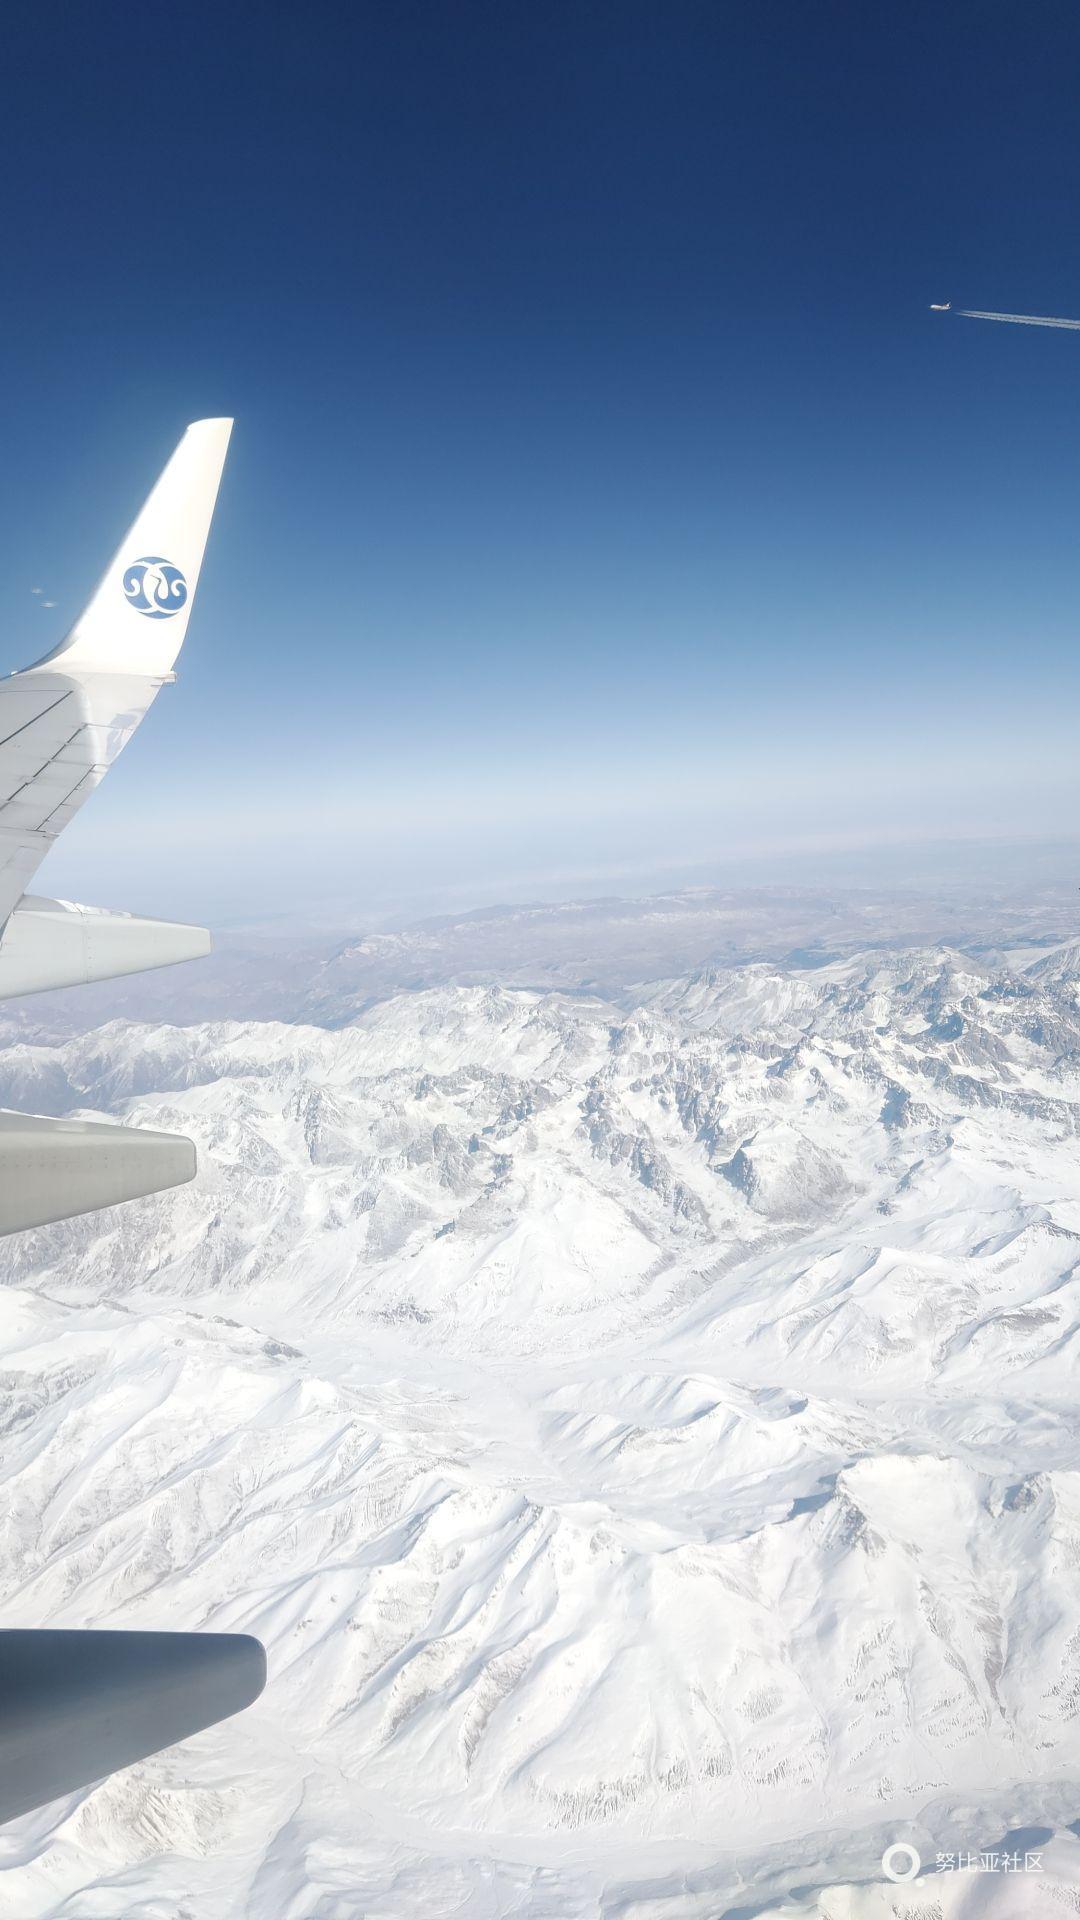 坐在去乌鲁木齐的飞机上穿越雪山,然后望着隔壁的飞机,眼睁睁的把我机超过。